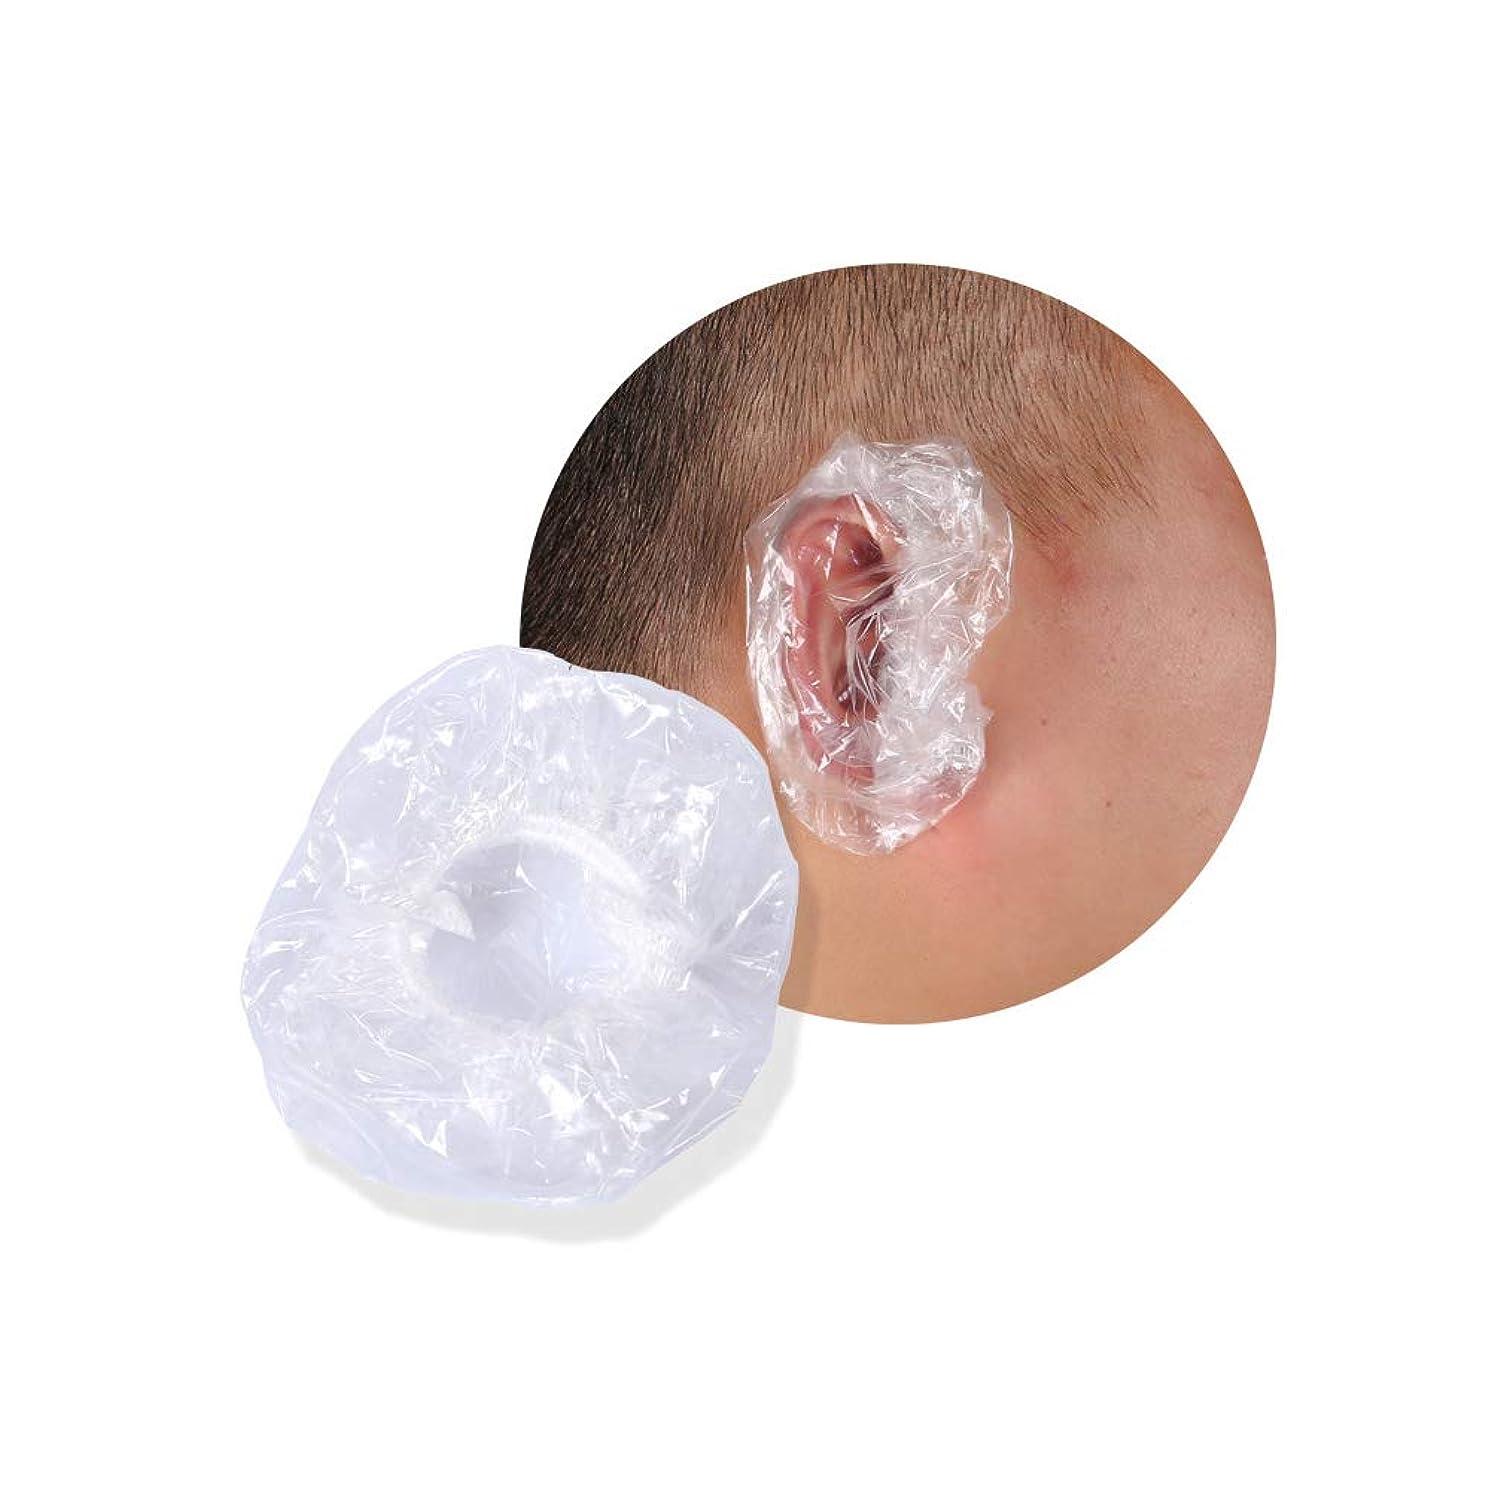 特にハックペンスイヤーキャップ 使い捨て 簡単 装着 透明 ビニール 耳 保護 カバー 毛染め パーマ 縮毛矯正 シャンプー トリートメント 100個入り